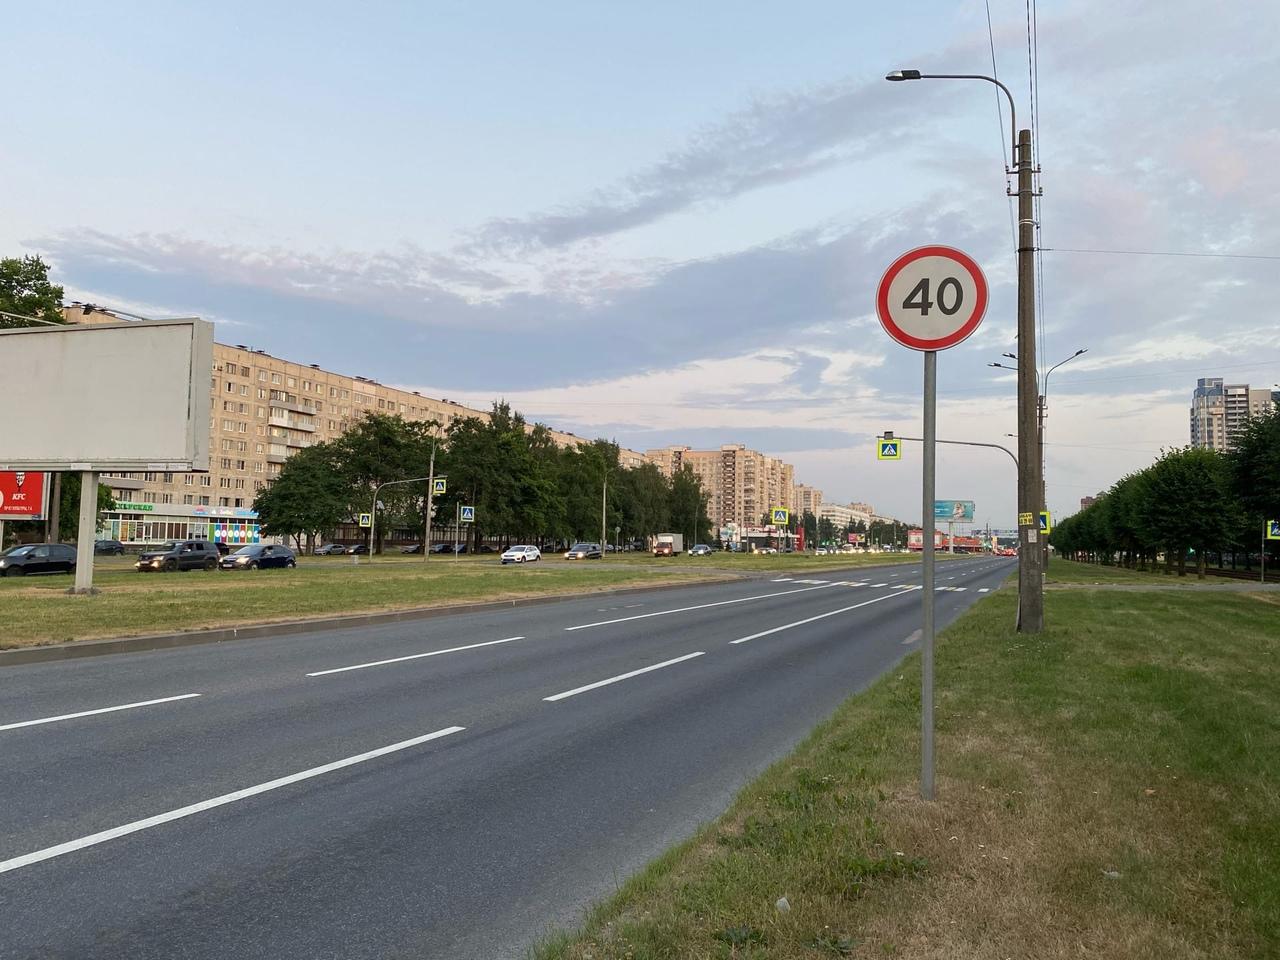 Ищем очевидцев ДТП 06.07.21 Сбили девушку 23-х лет на пешеходном переходе проспект Культуры 26 около...